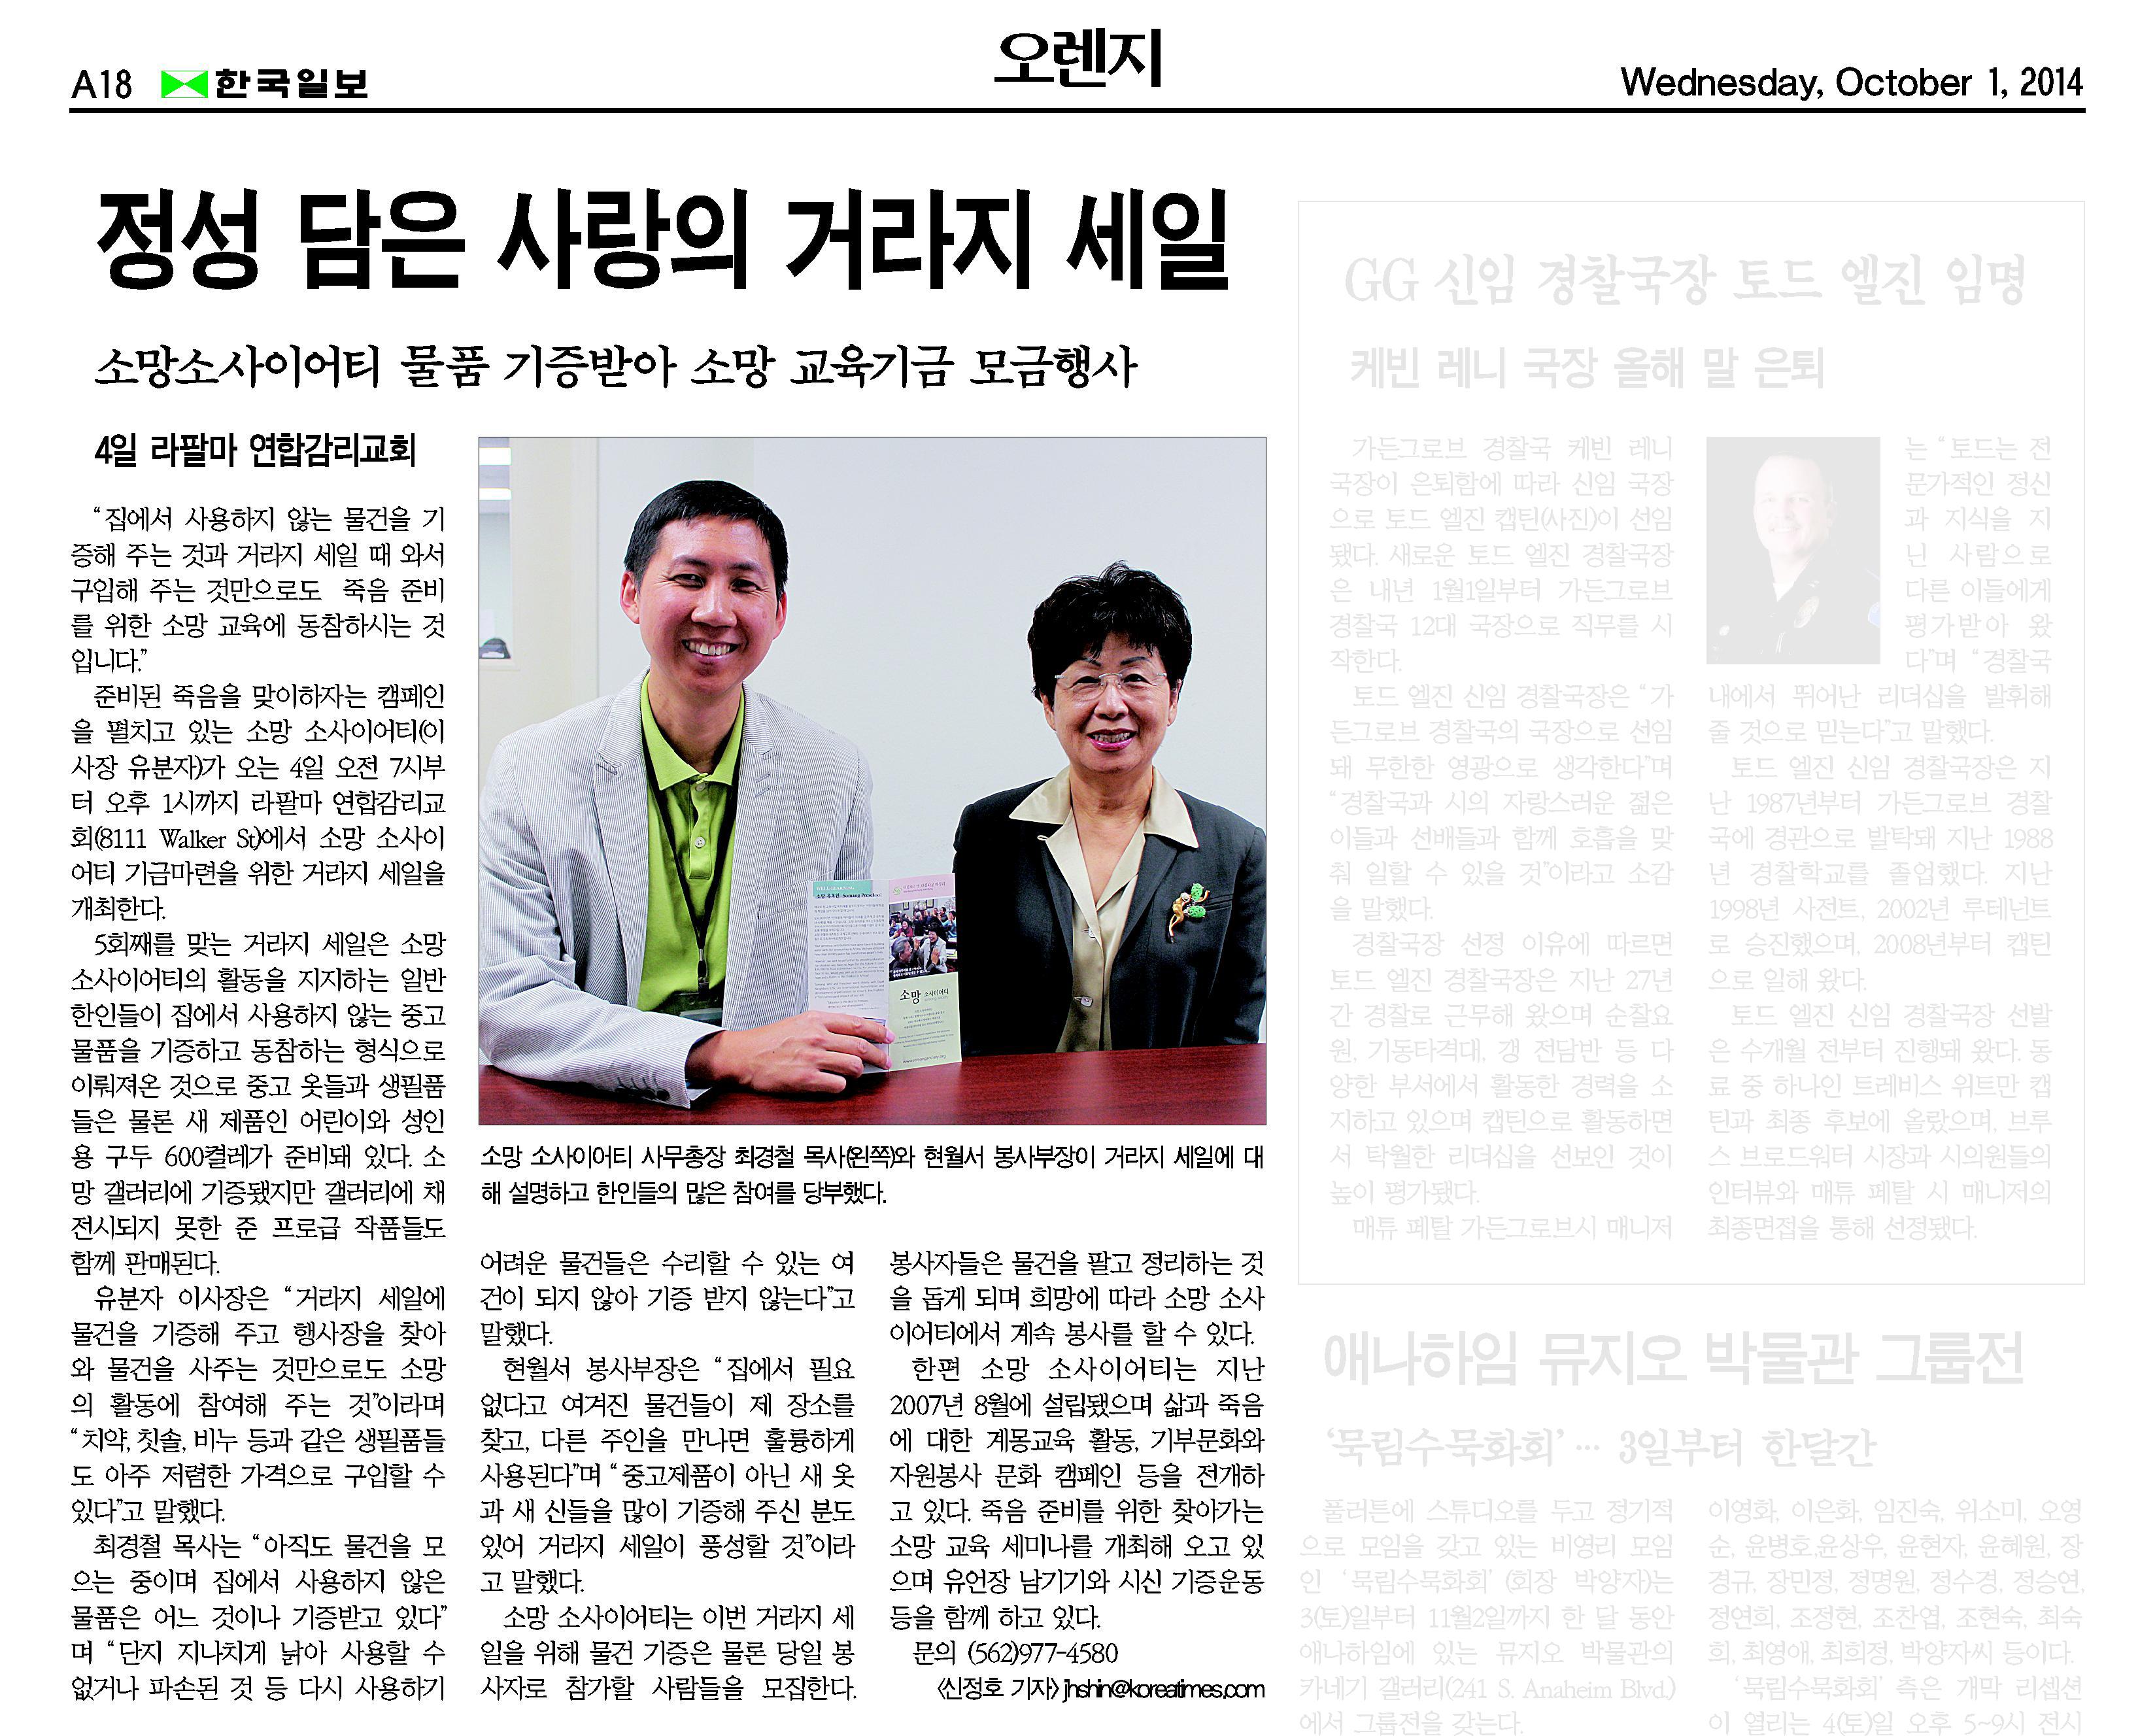 """""""정성 담은 사랑의 거라지 세일"""" 2014년 10월 1일 한국일보"""